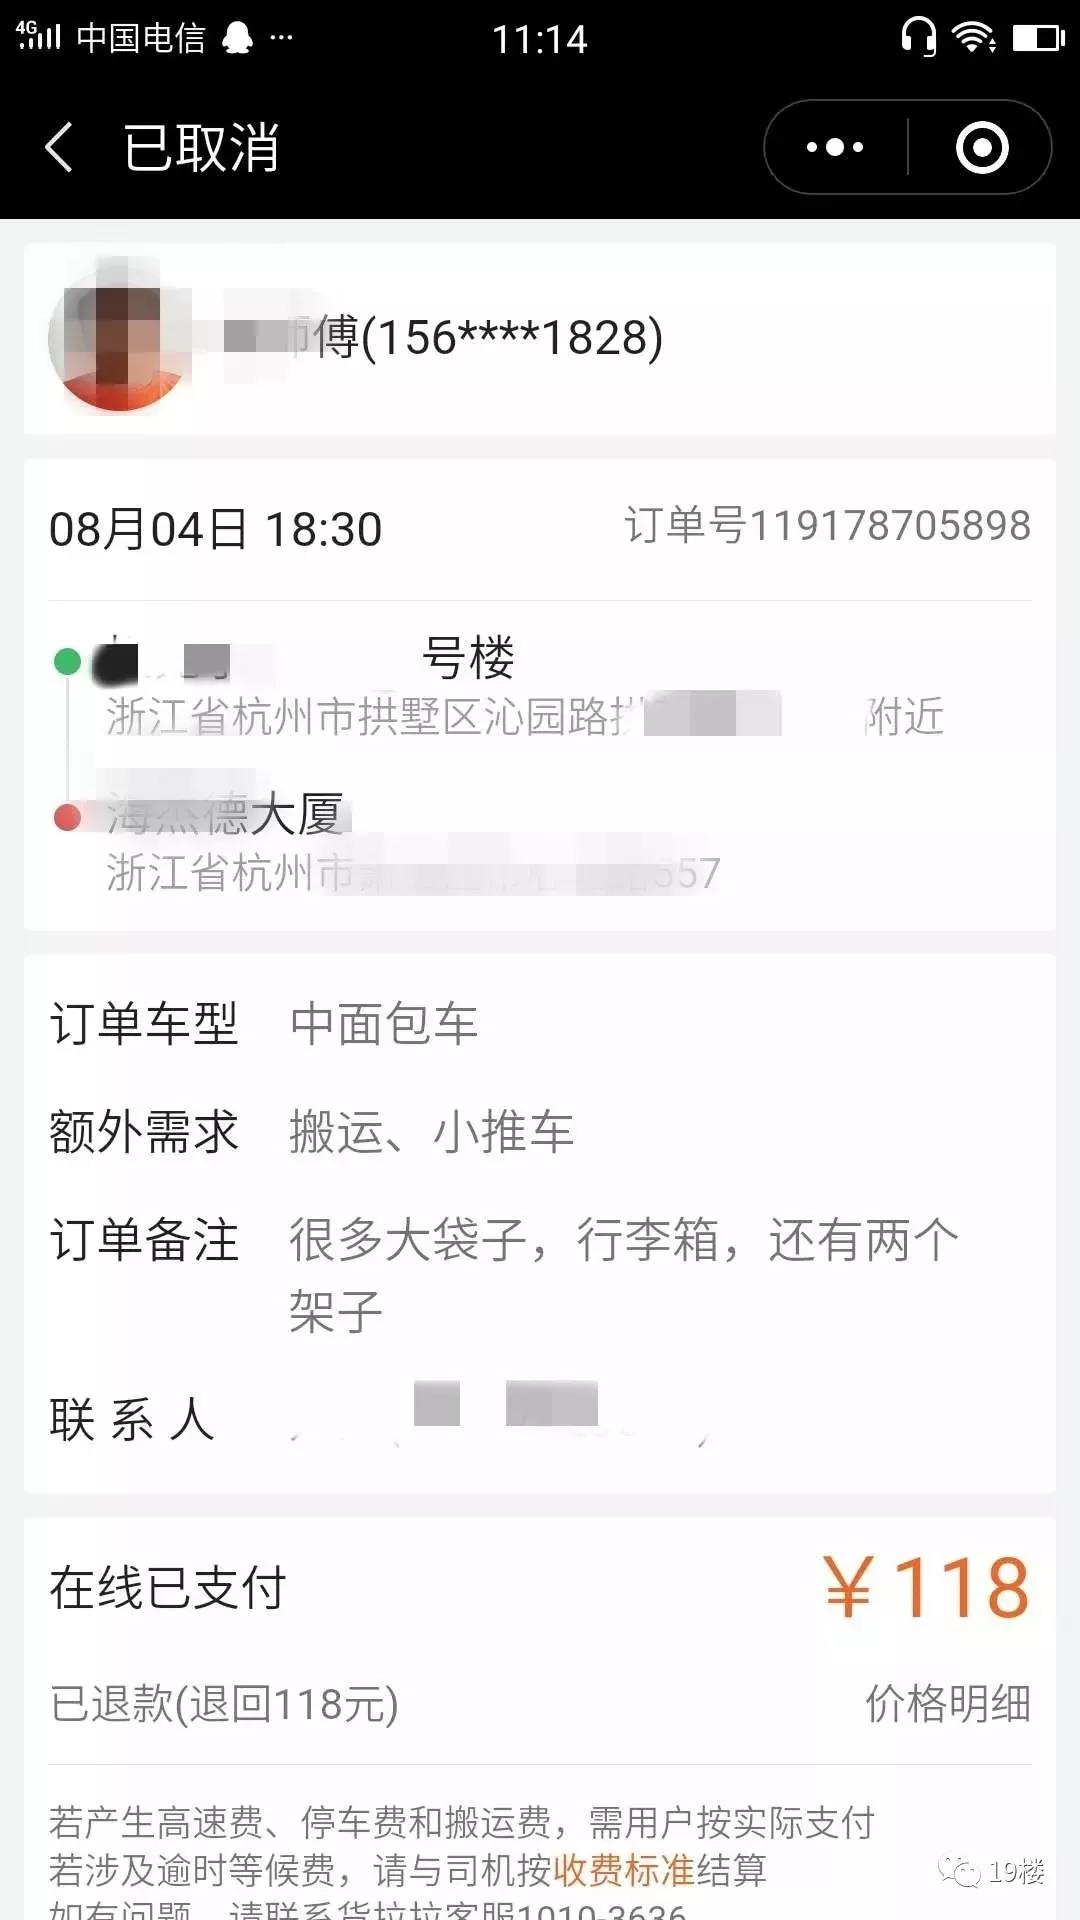 杭州女孩遭货拉拉司机性骚扰 住酒店20天不敢回家